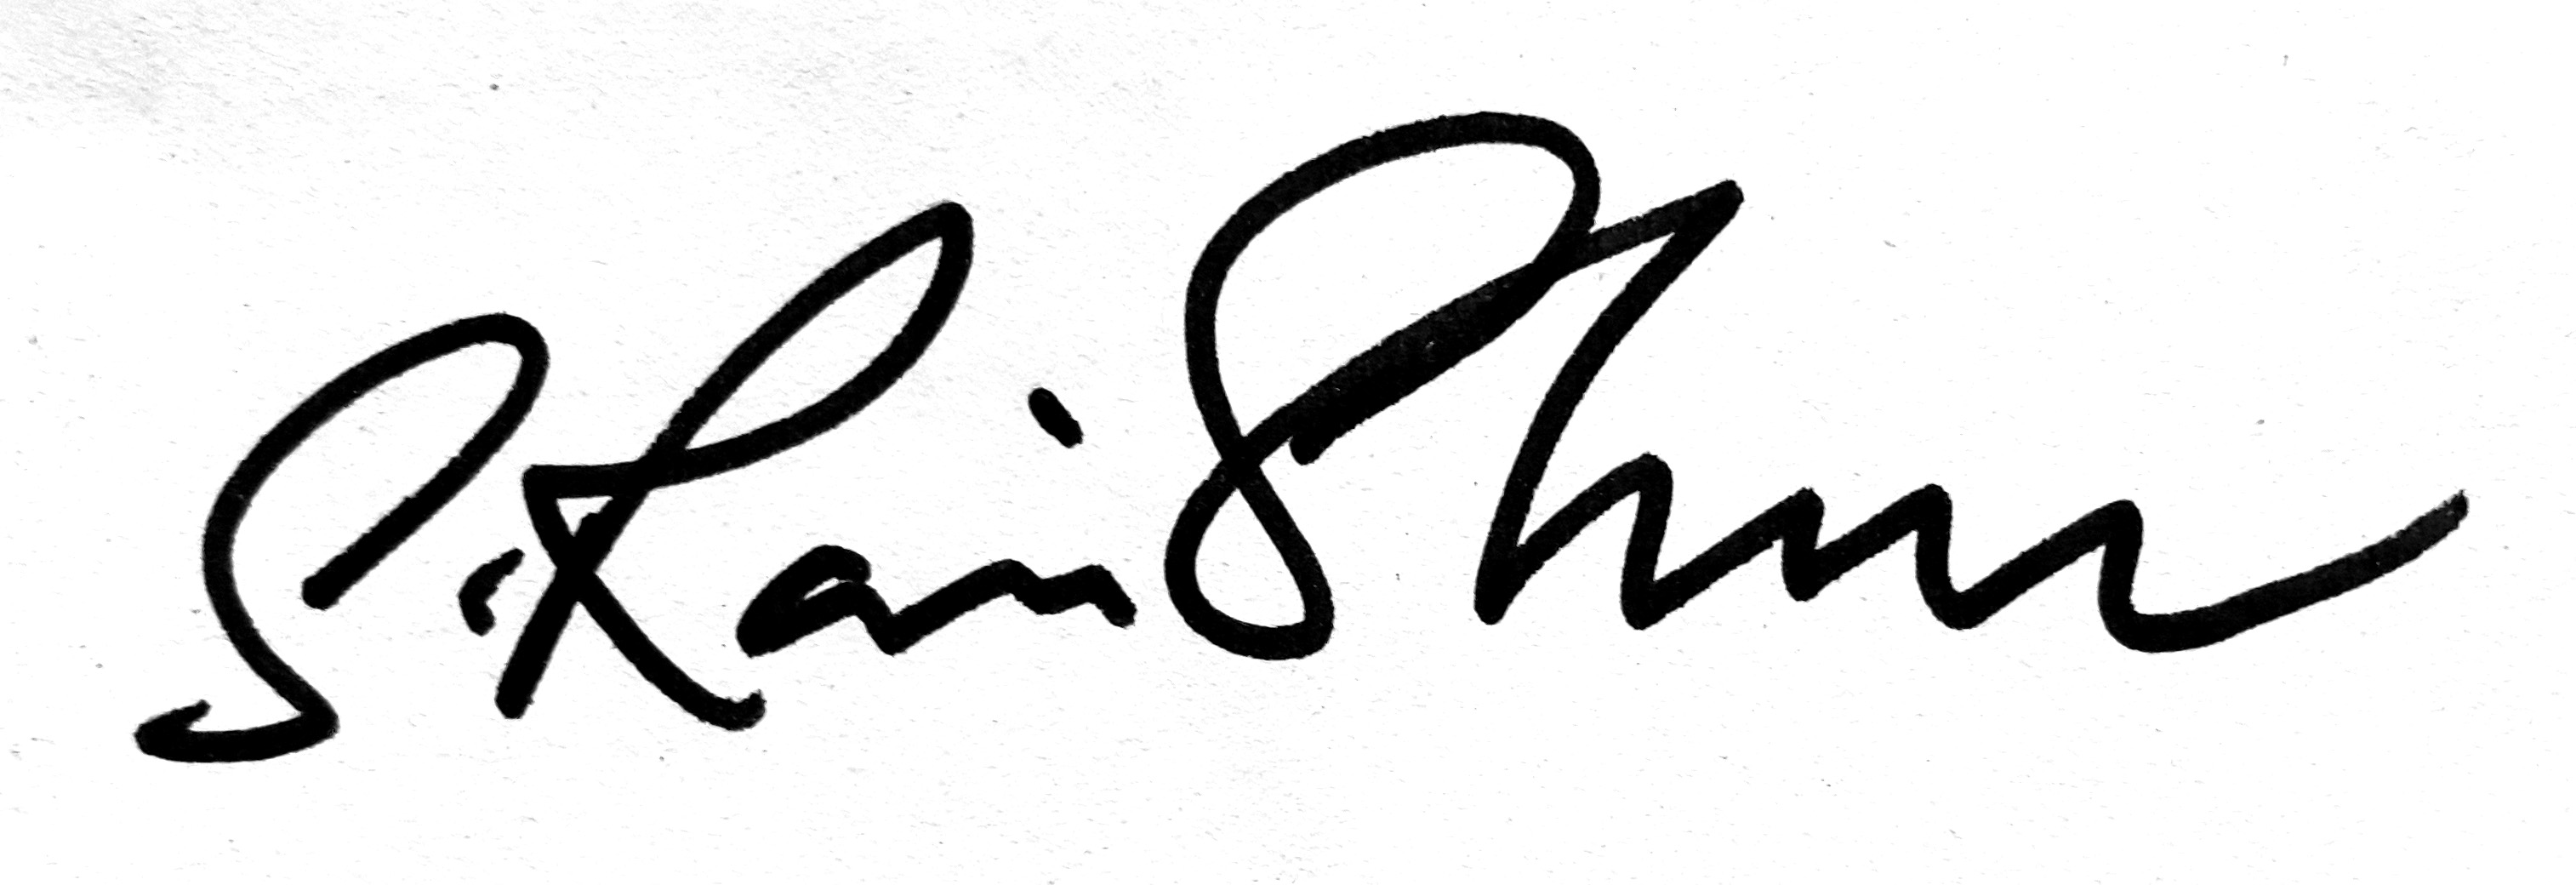 Ravi Shankar Subramaniam's Signature